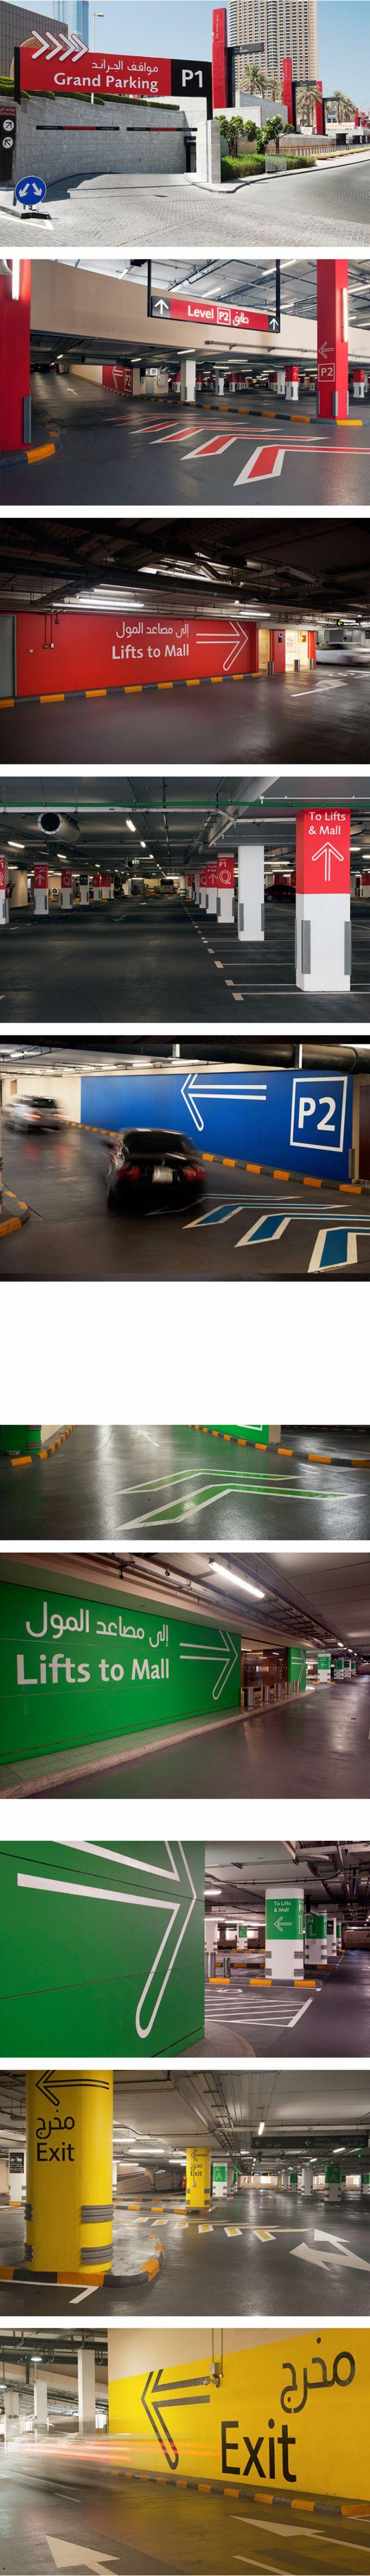 转载:迪拜购物中心停车场 导视系统欣赏_...